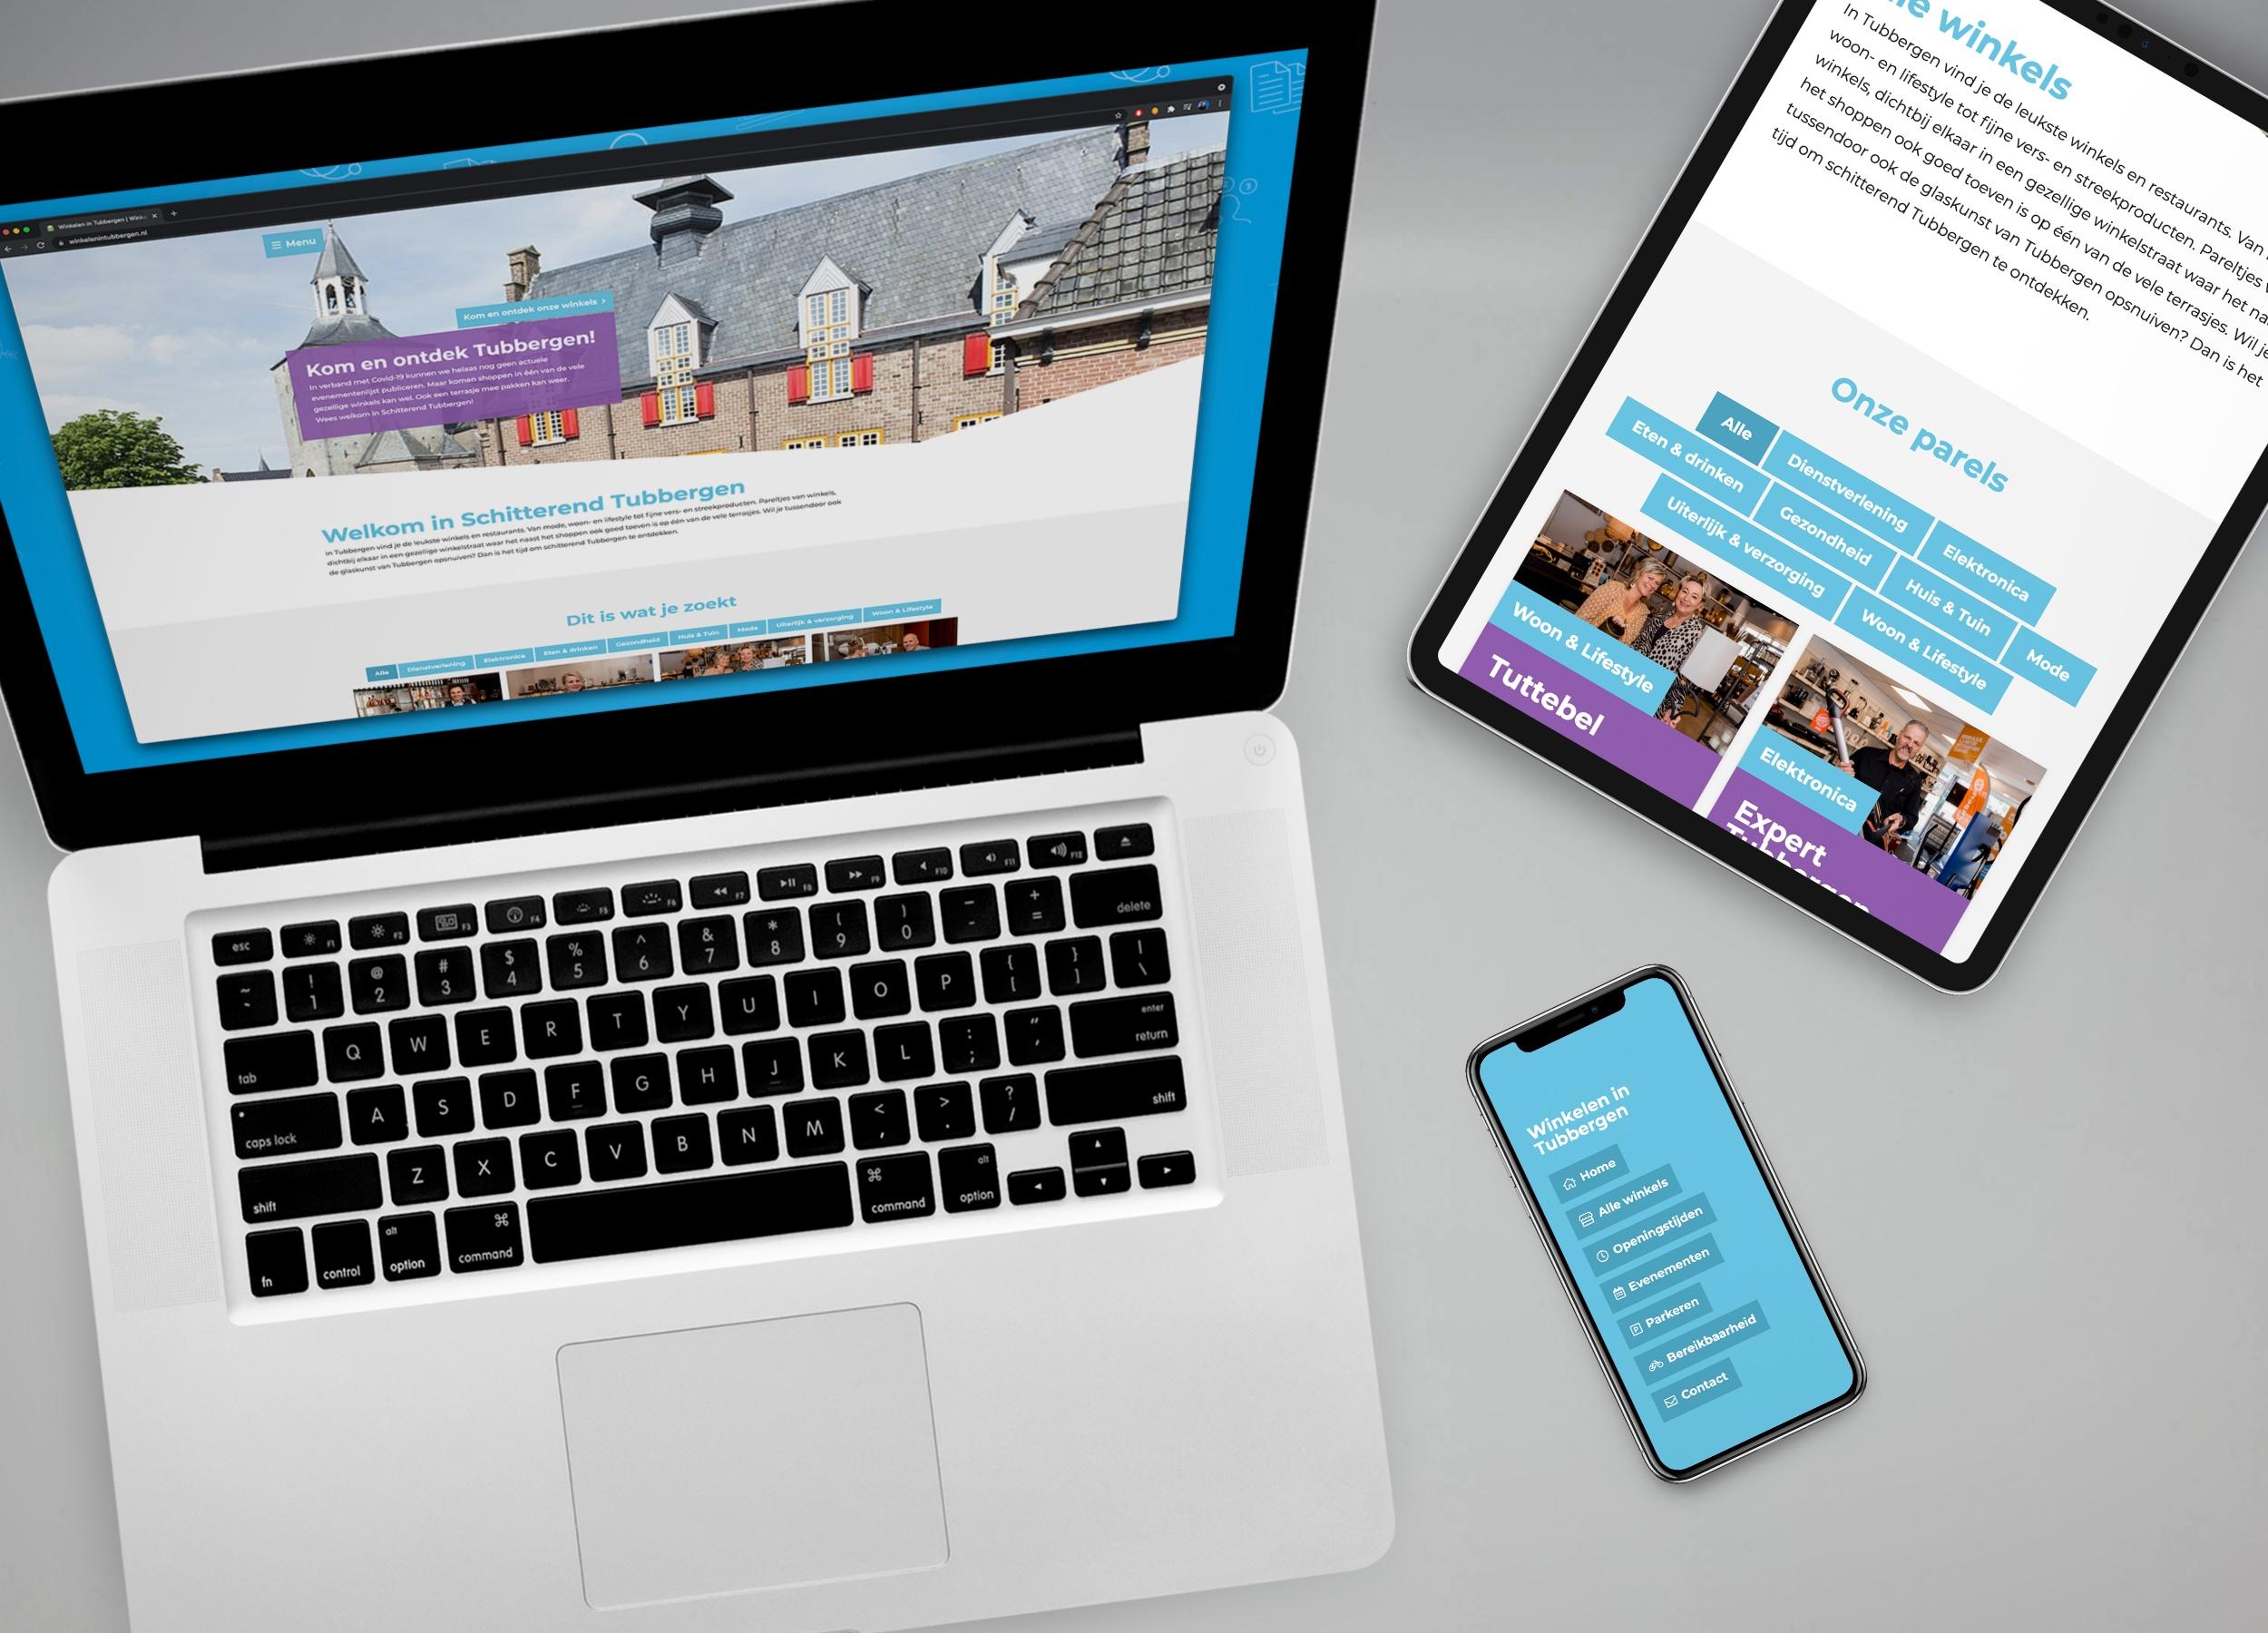 Buro-Bedenkt-Wordpress-website-winkelen-in-Tubbergen-website-portfolio-winkelen-in-tubbergen